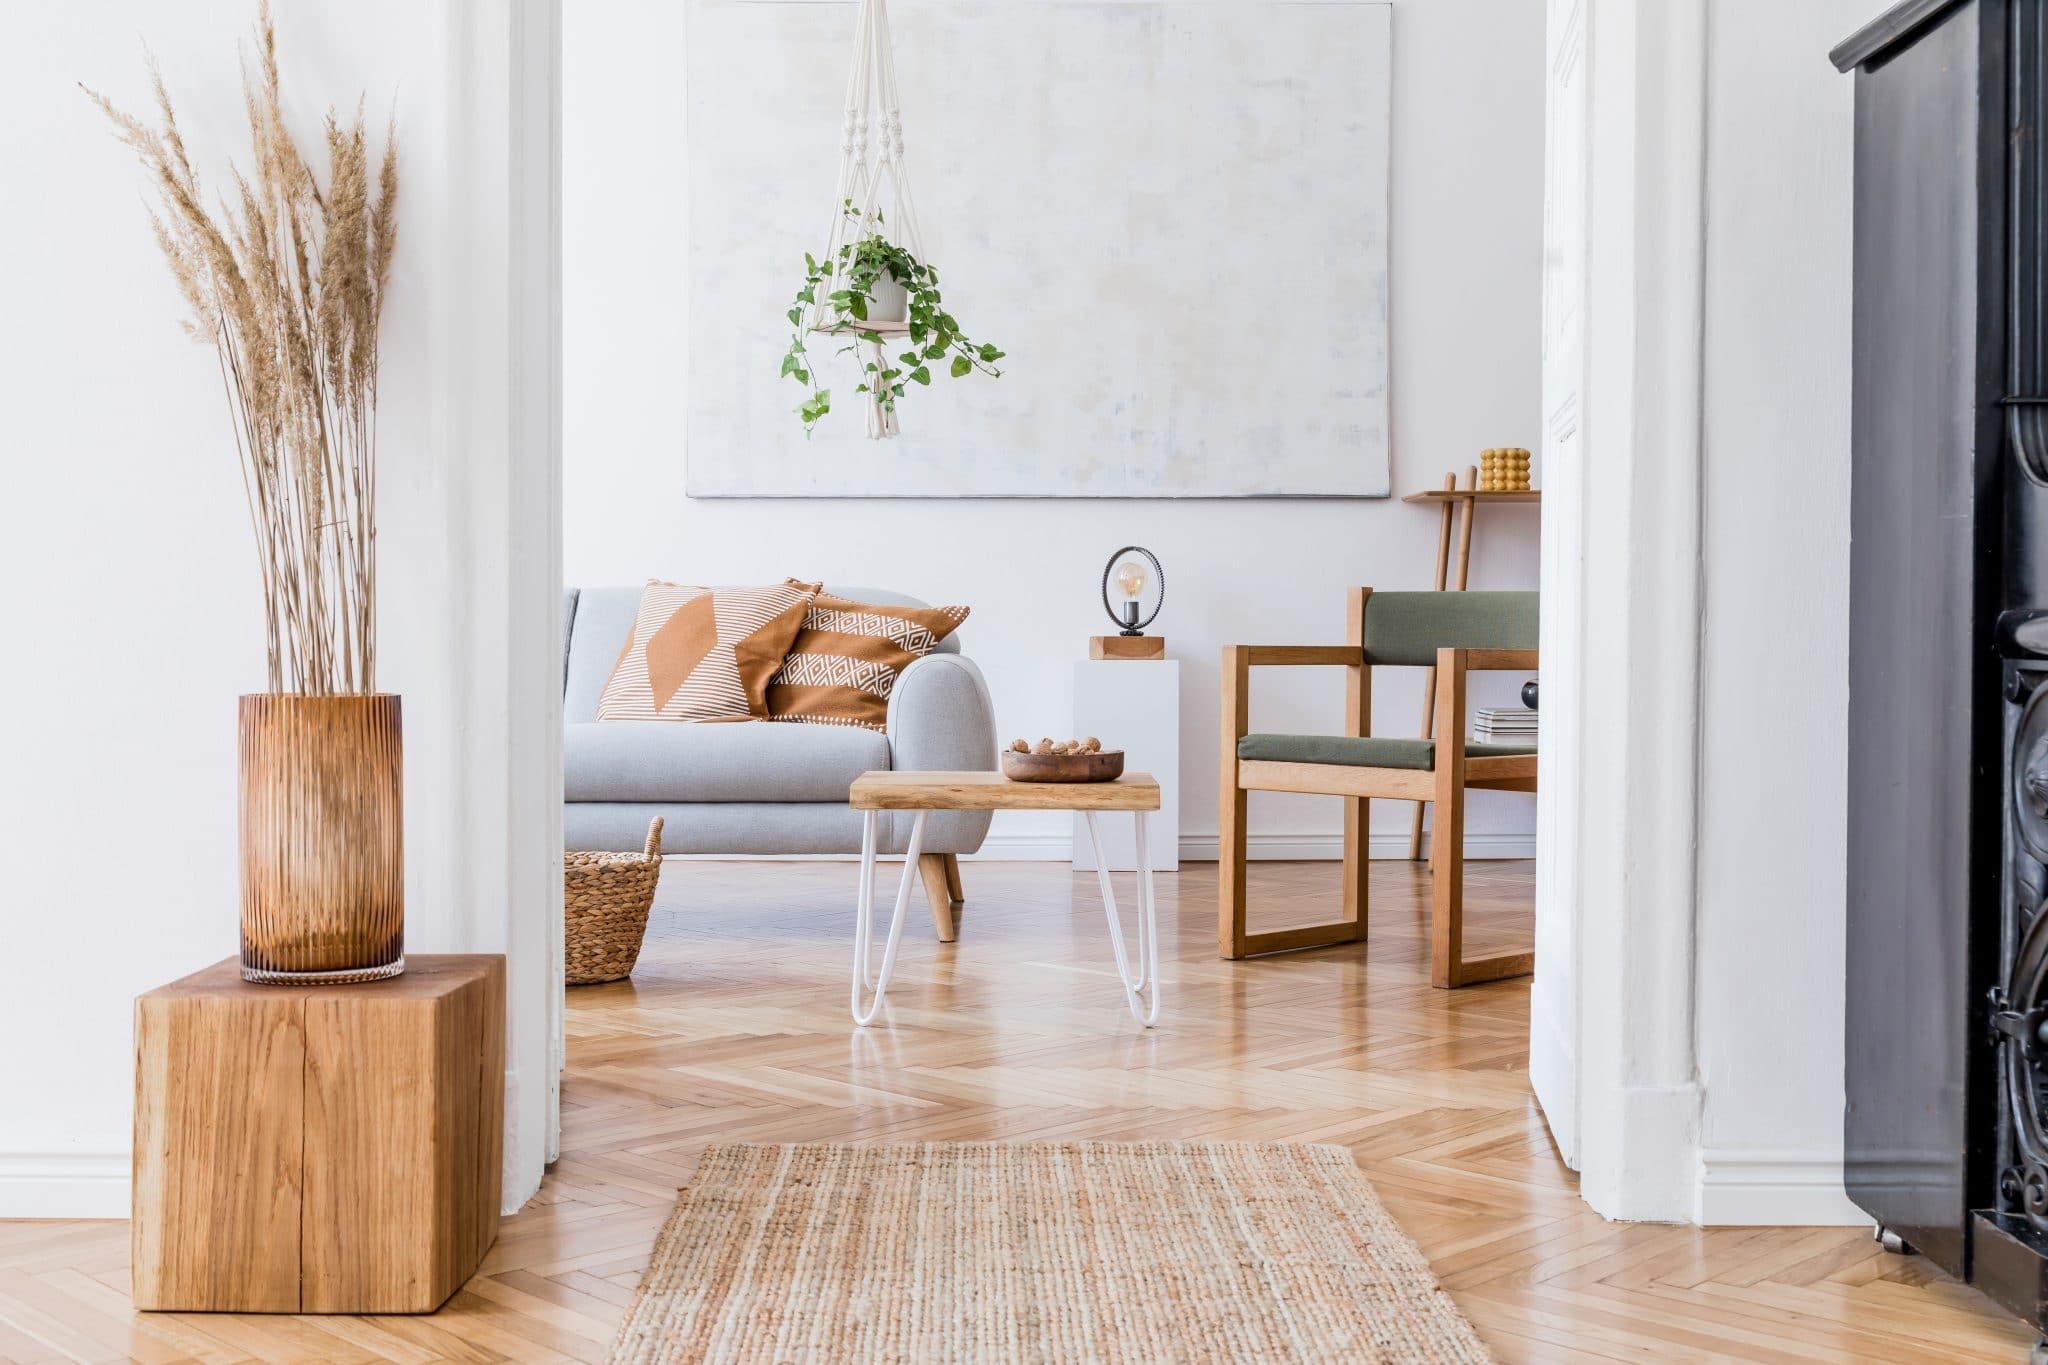 Rénovation de maison à Metz (57)